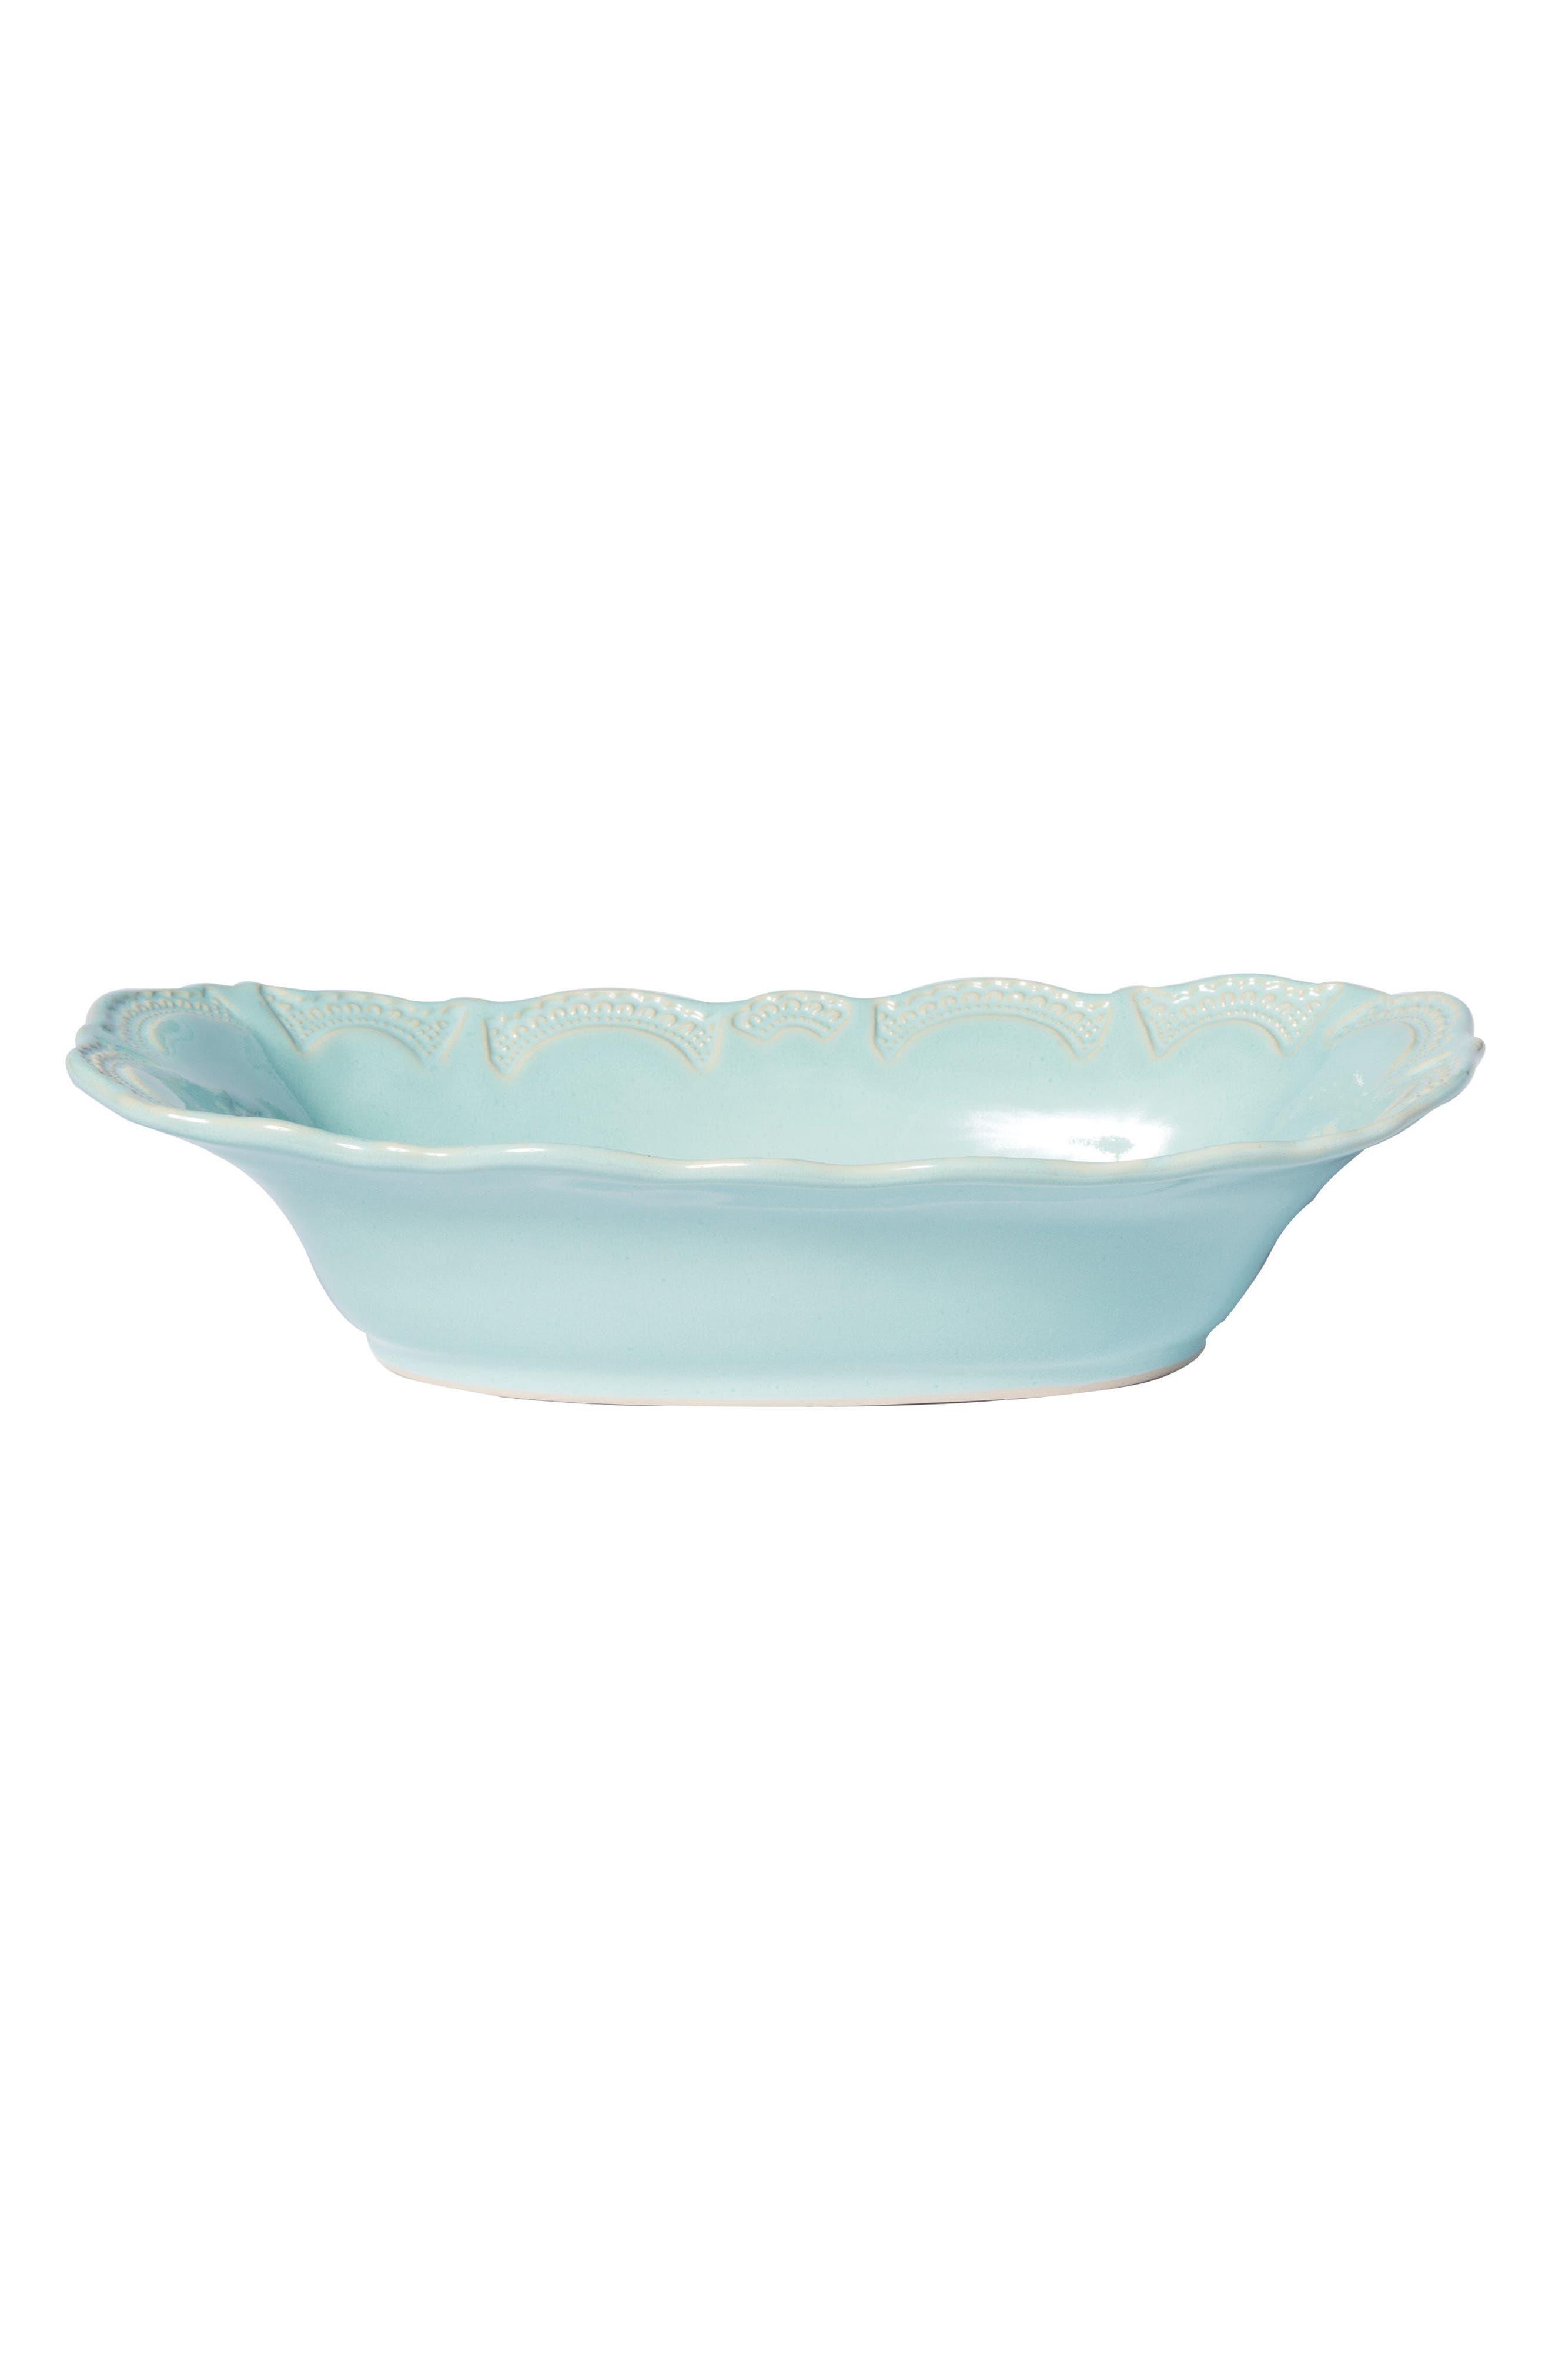 Incanto Stone Au Gratin Dish,                         Main,                         color, Aqua - Large